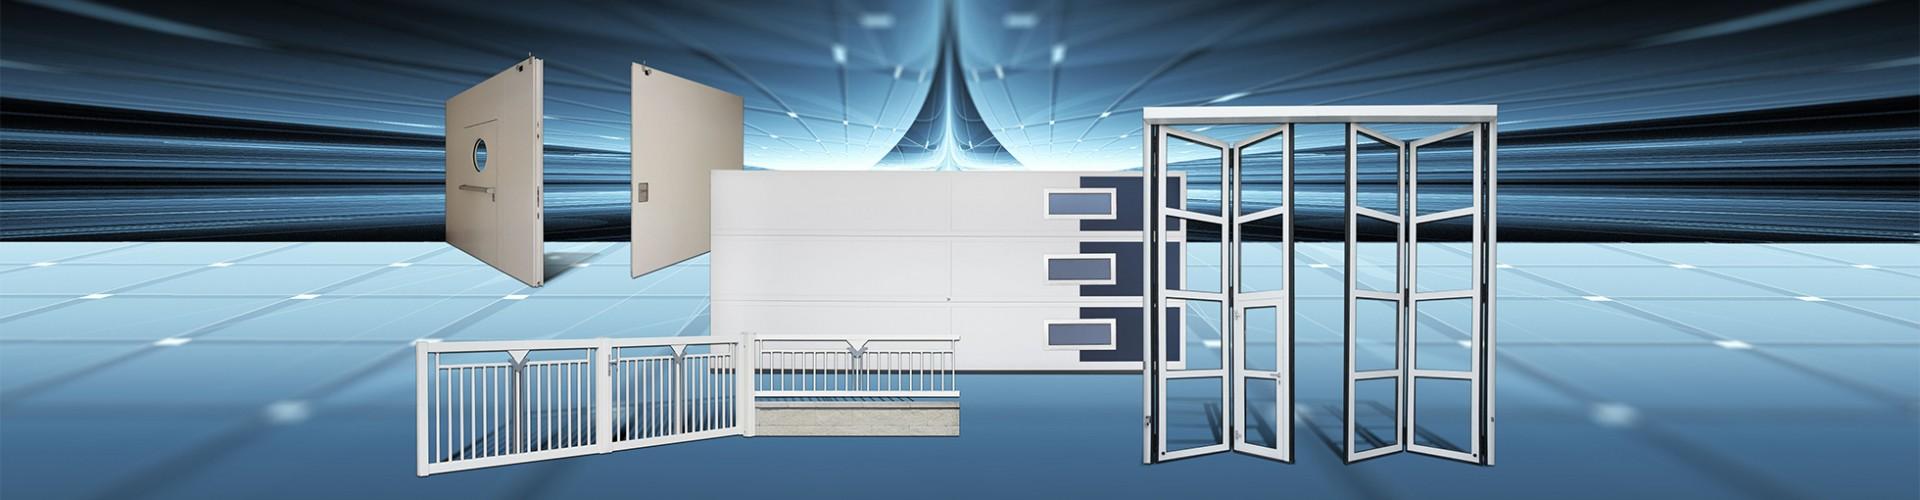 Das Portal für Torsysteme - Tore, Toranbieter, After Sales, Support, Informationen, Garagentore, Industrietore, Logistiktore, Tiefgaragentore, Brandschutztore, Einfahrtstore, Türen